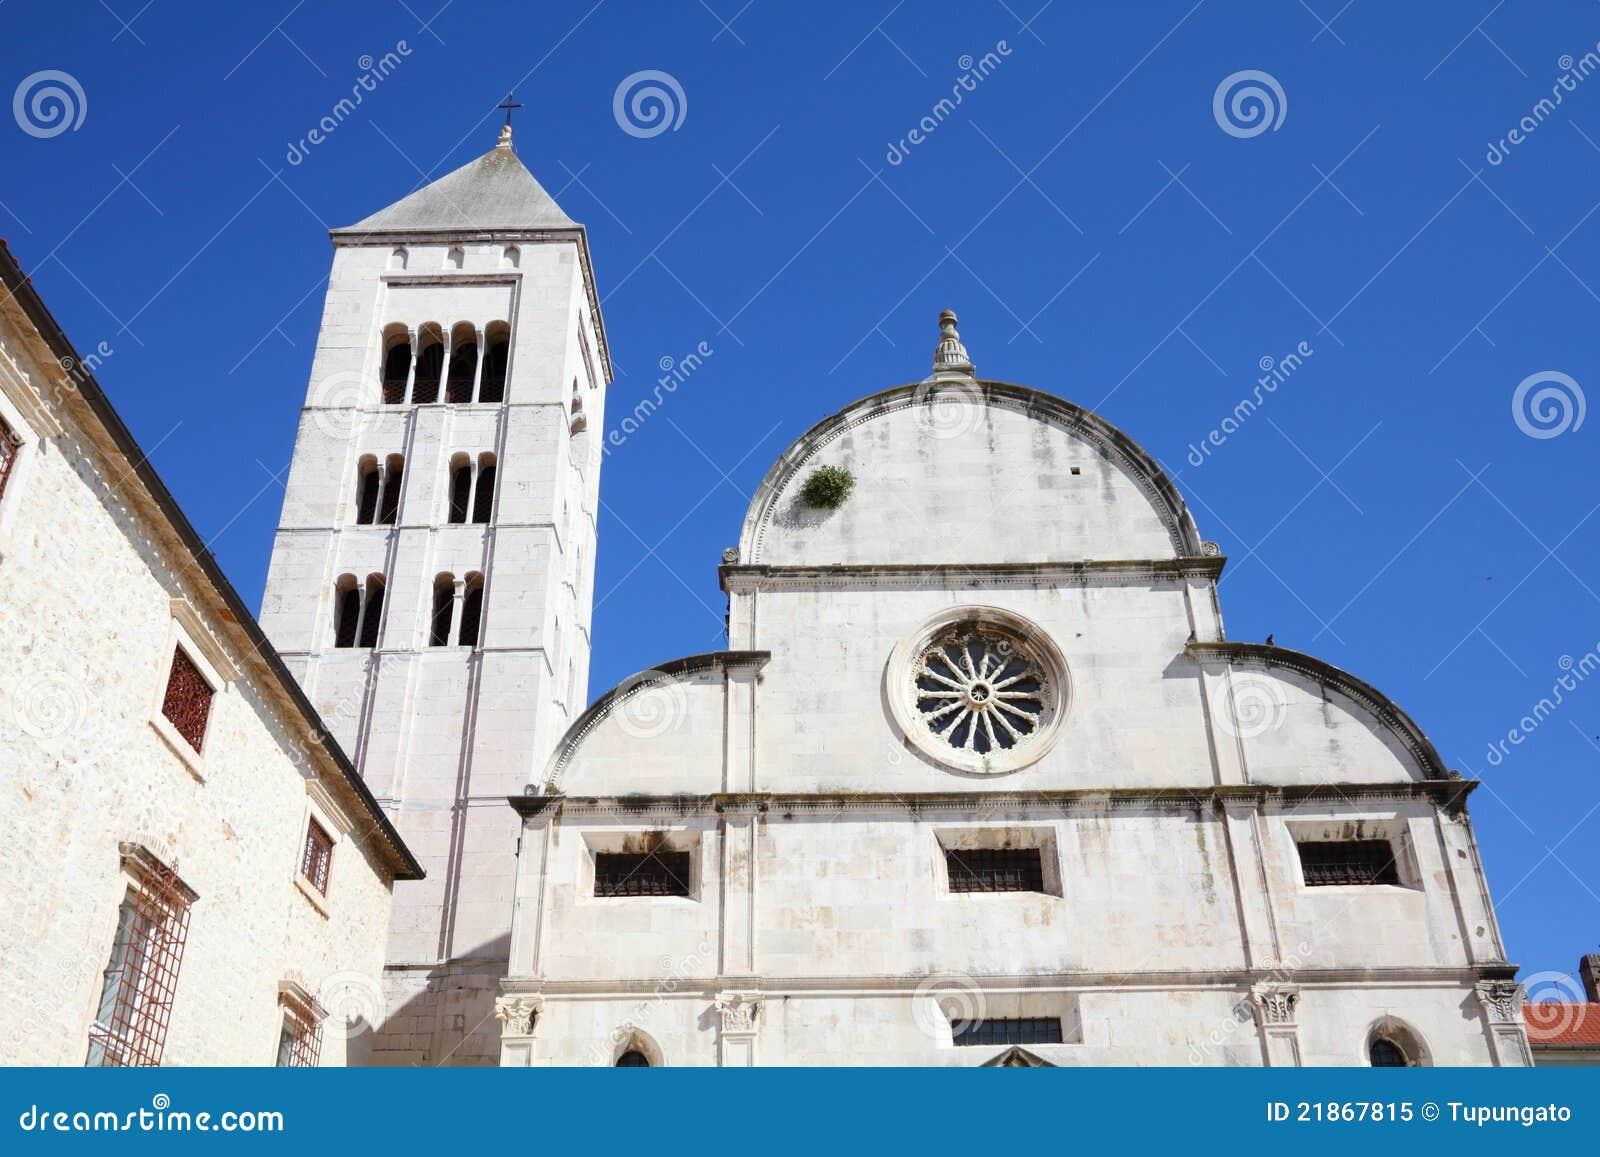 Zadar的克罗地亚